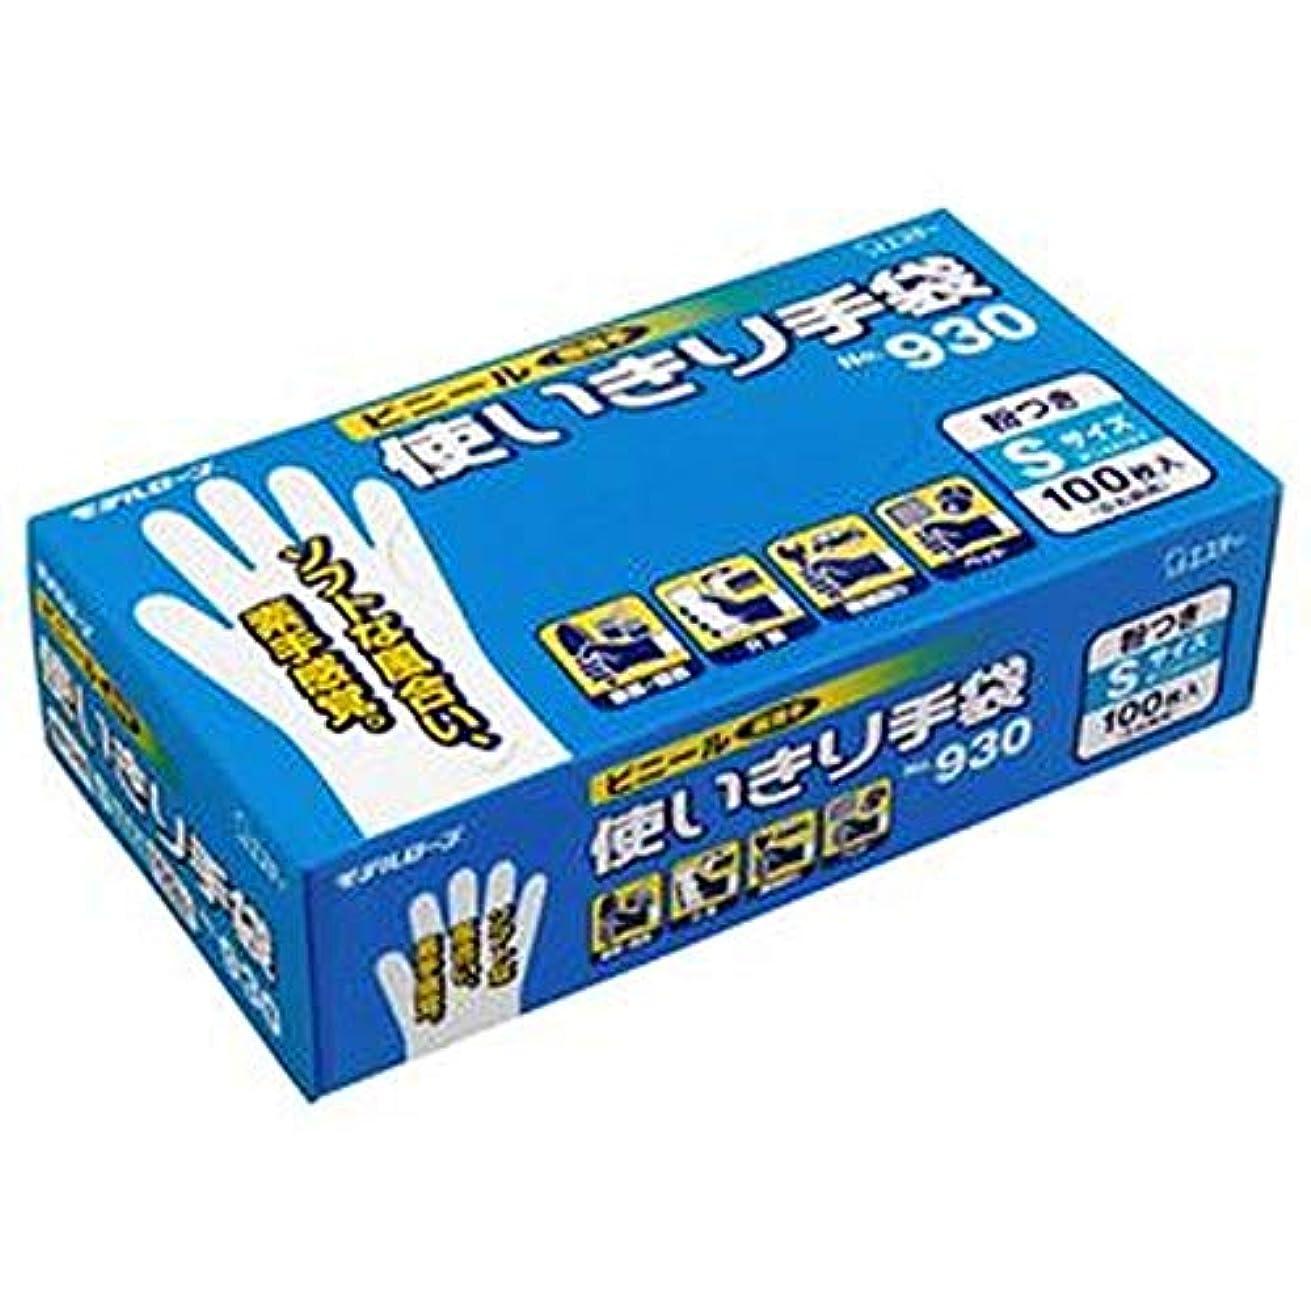 一口影響前- まとめ - / エステー/No.930 / ビニール使いきり手袋 - 粉付 - / S / 1箱 - 100枚 - / - ×5セット -